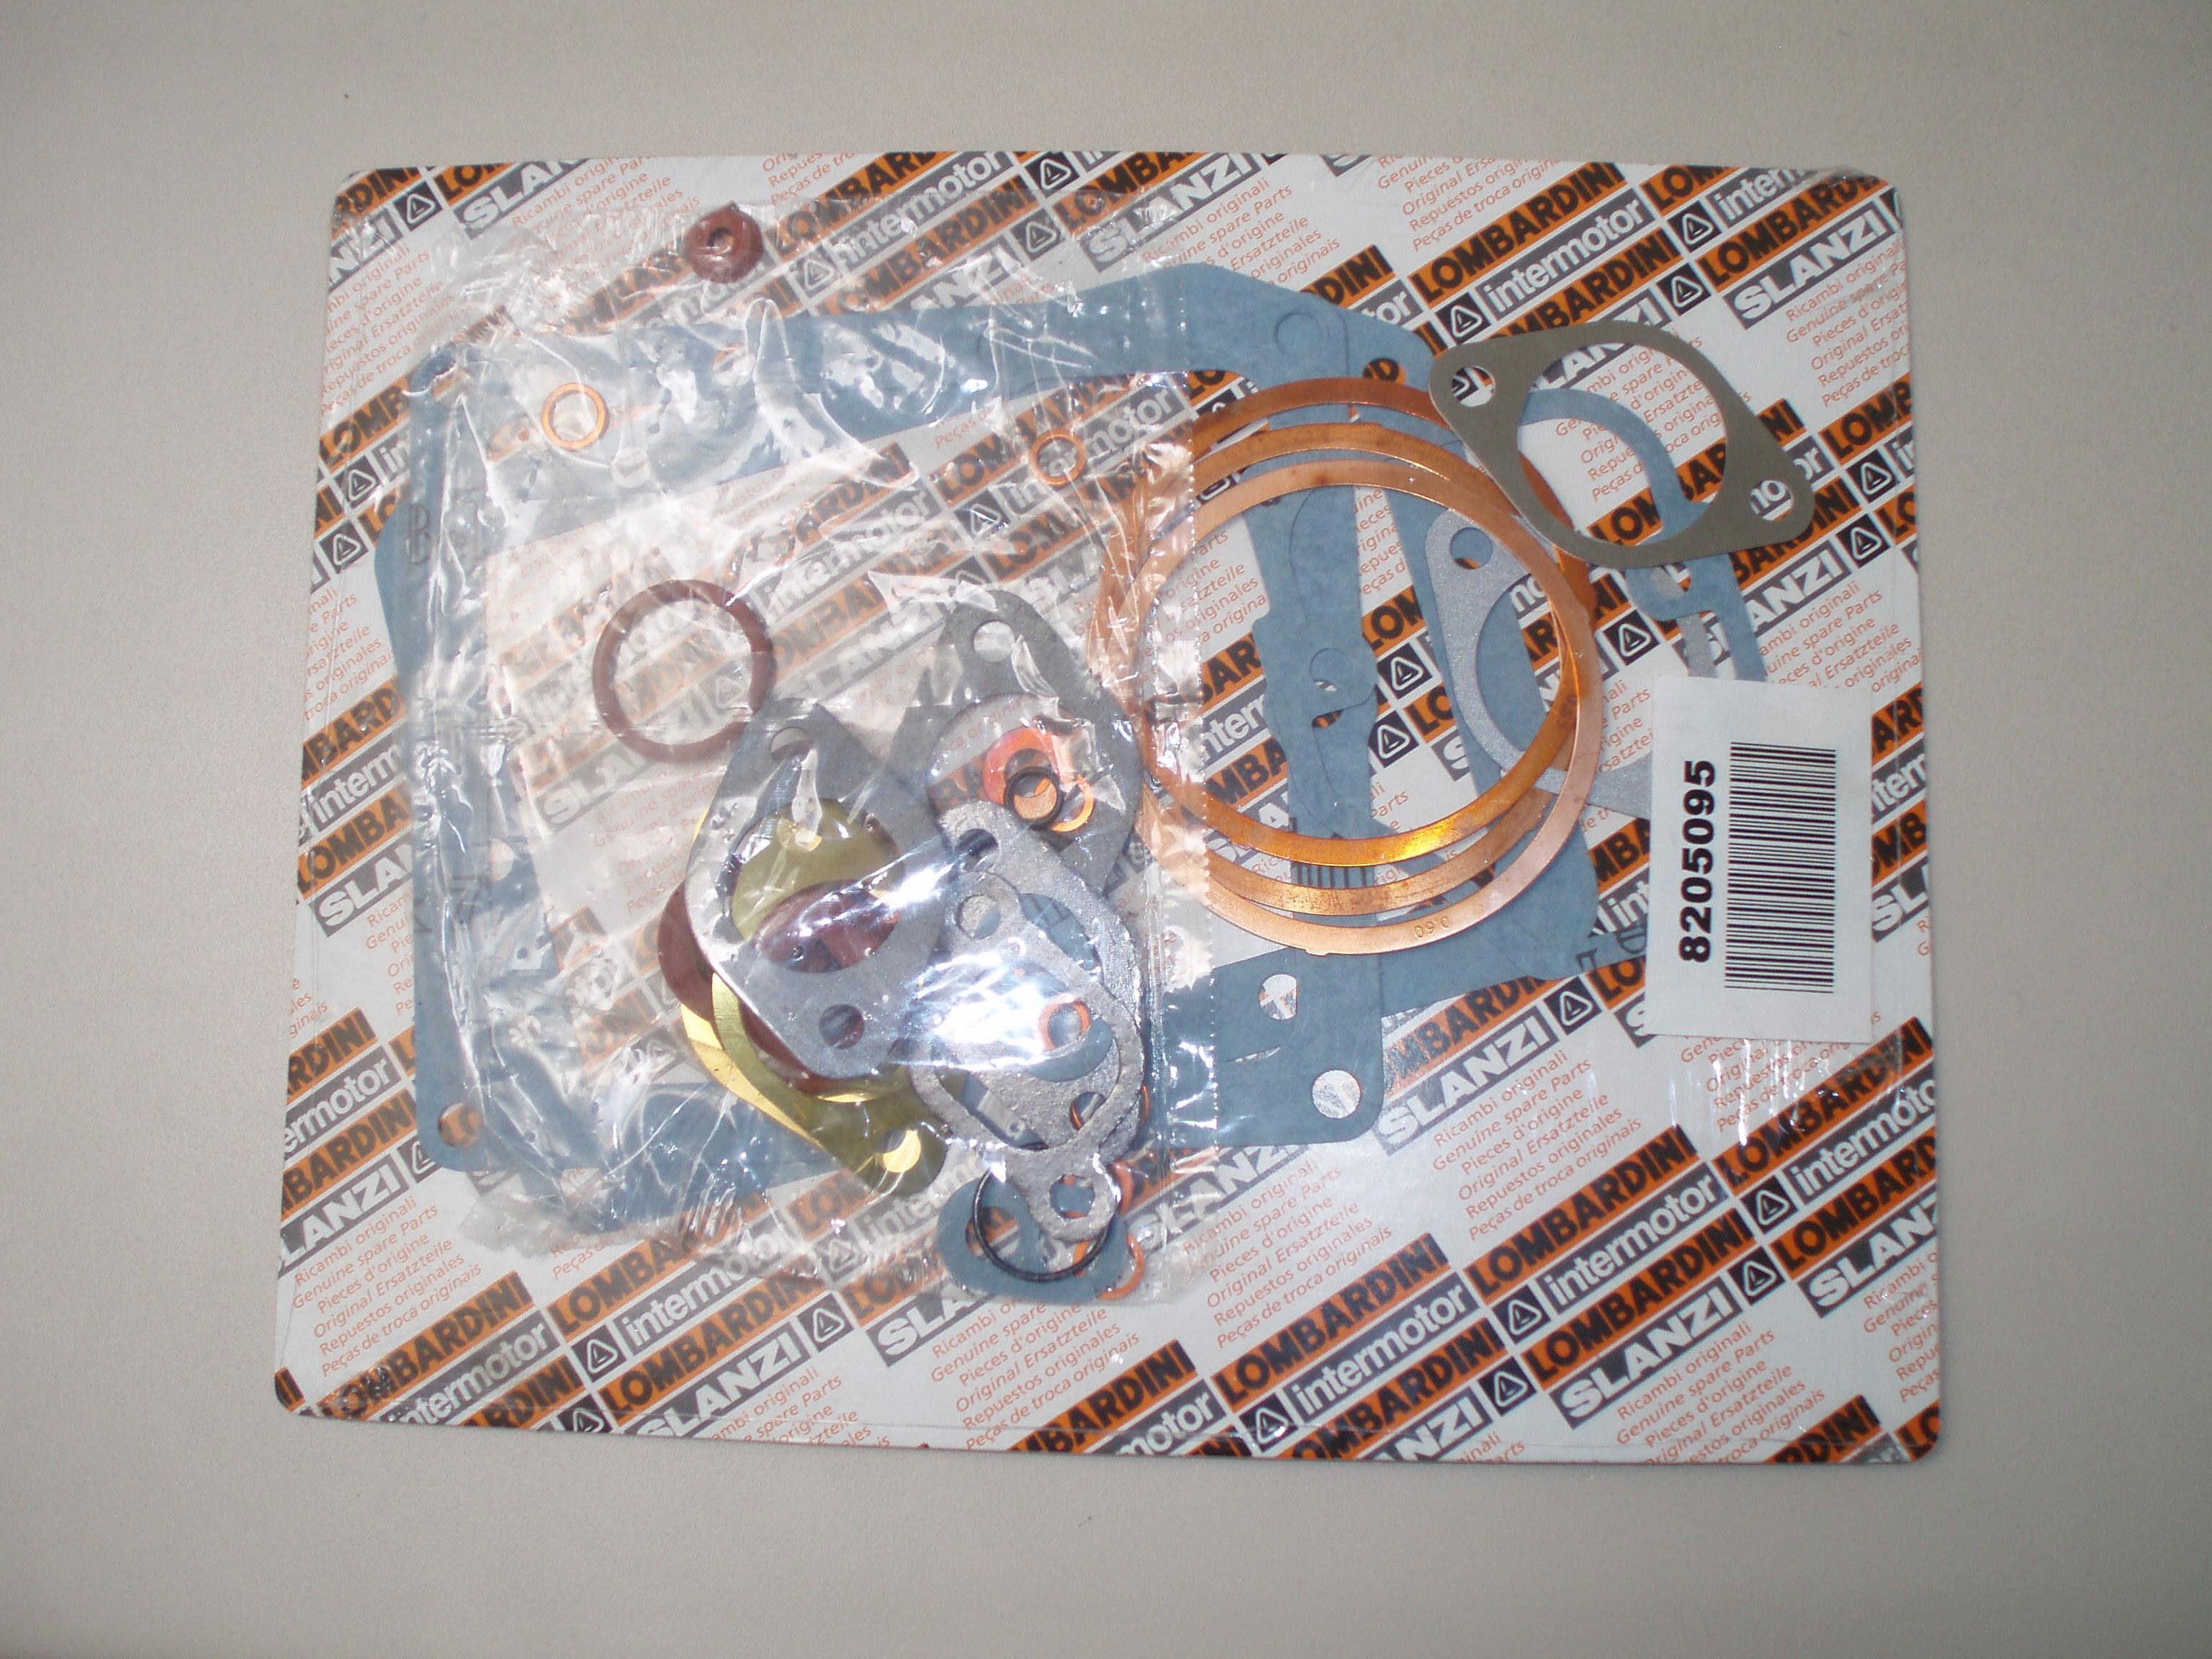 Pochette Joints 6LD400 6LD435 6LD435/B1 LOMBARDINI 8205095 ED0082050950-S